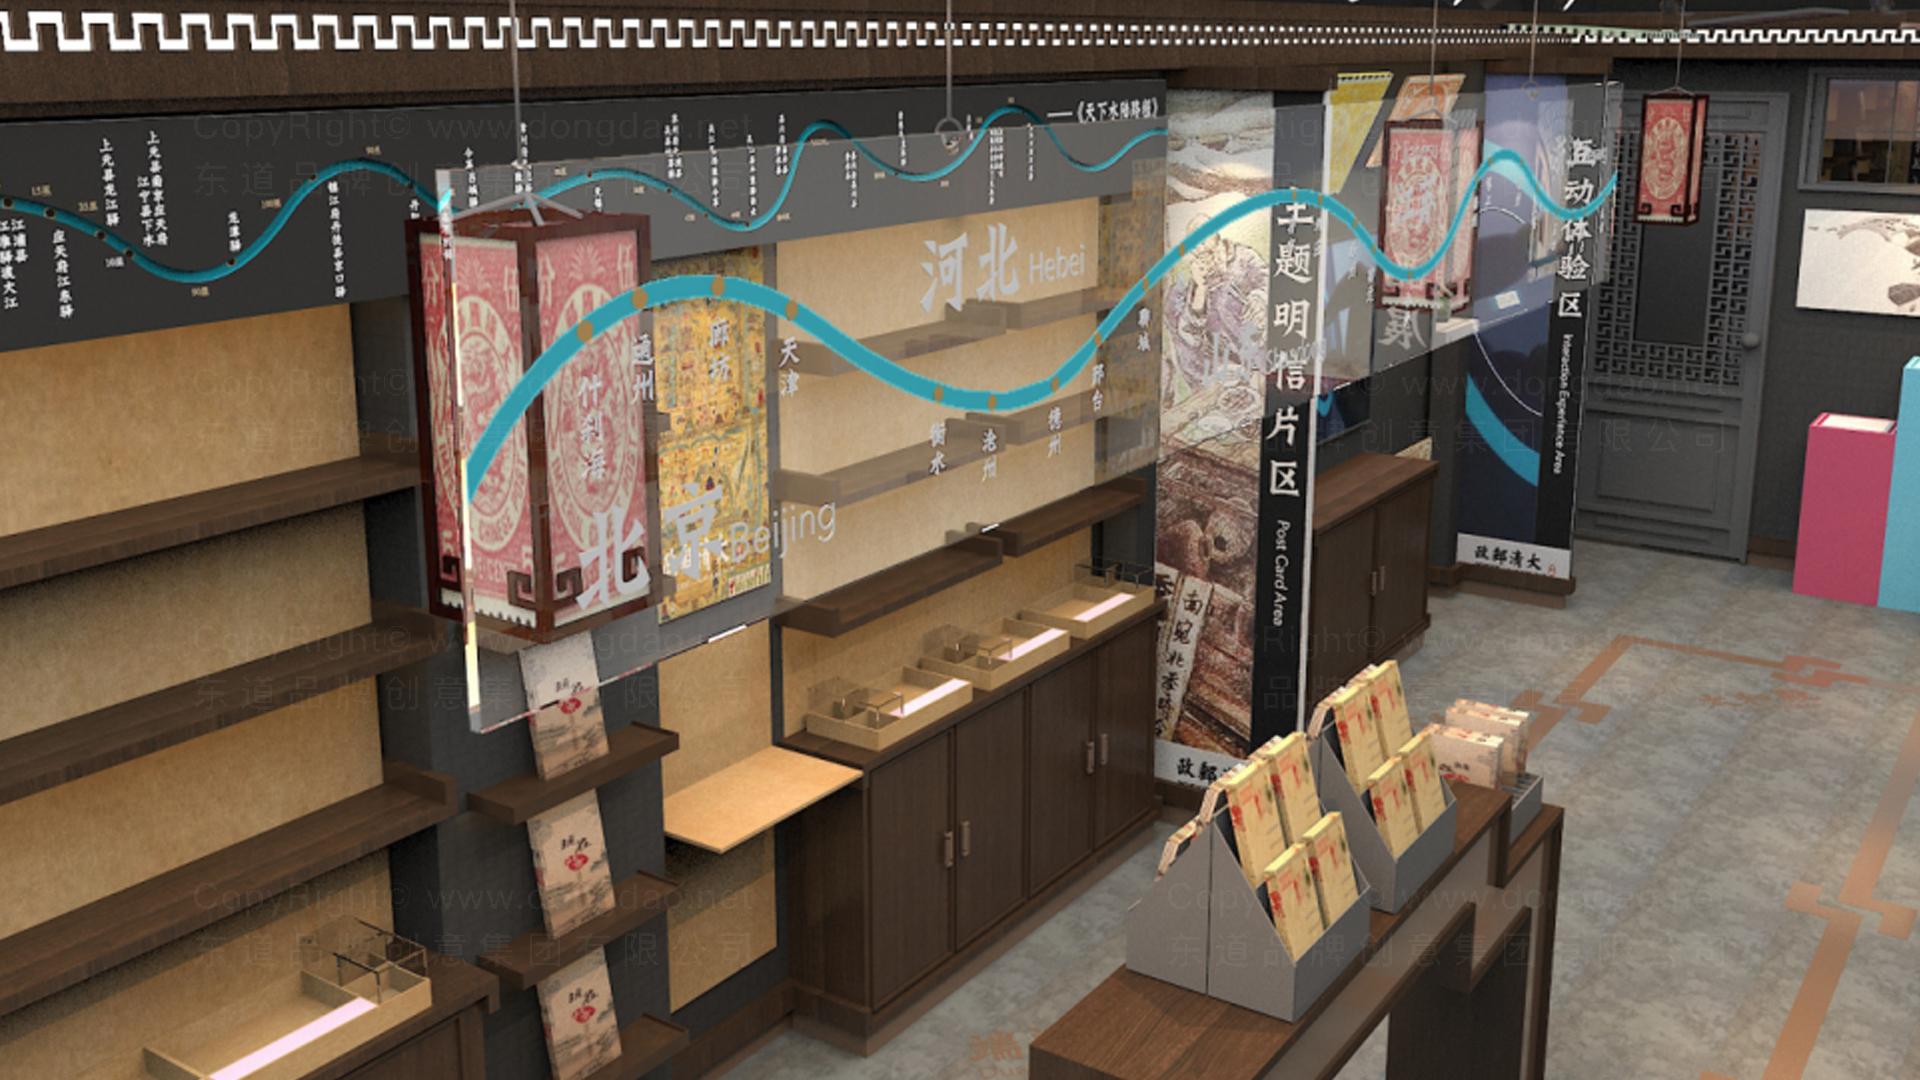 商业空间&导示大清邮政SI设计应用场景_2